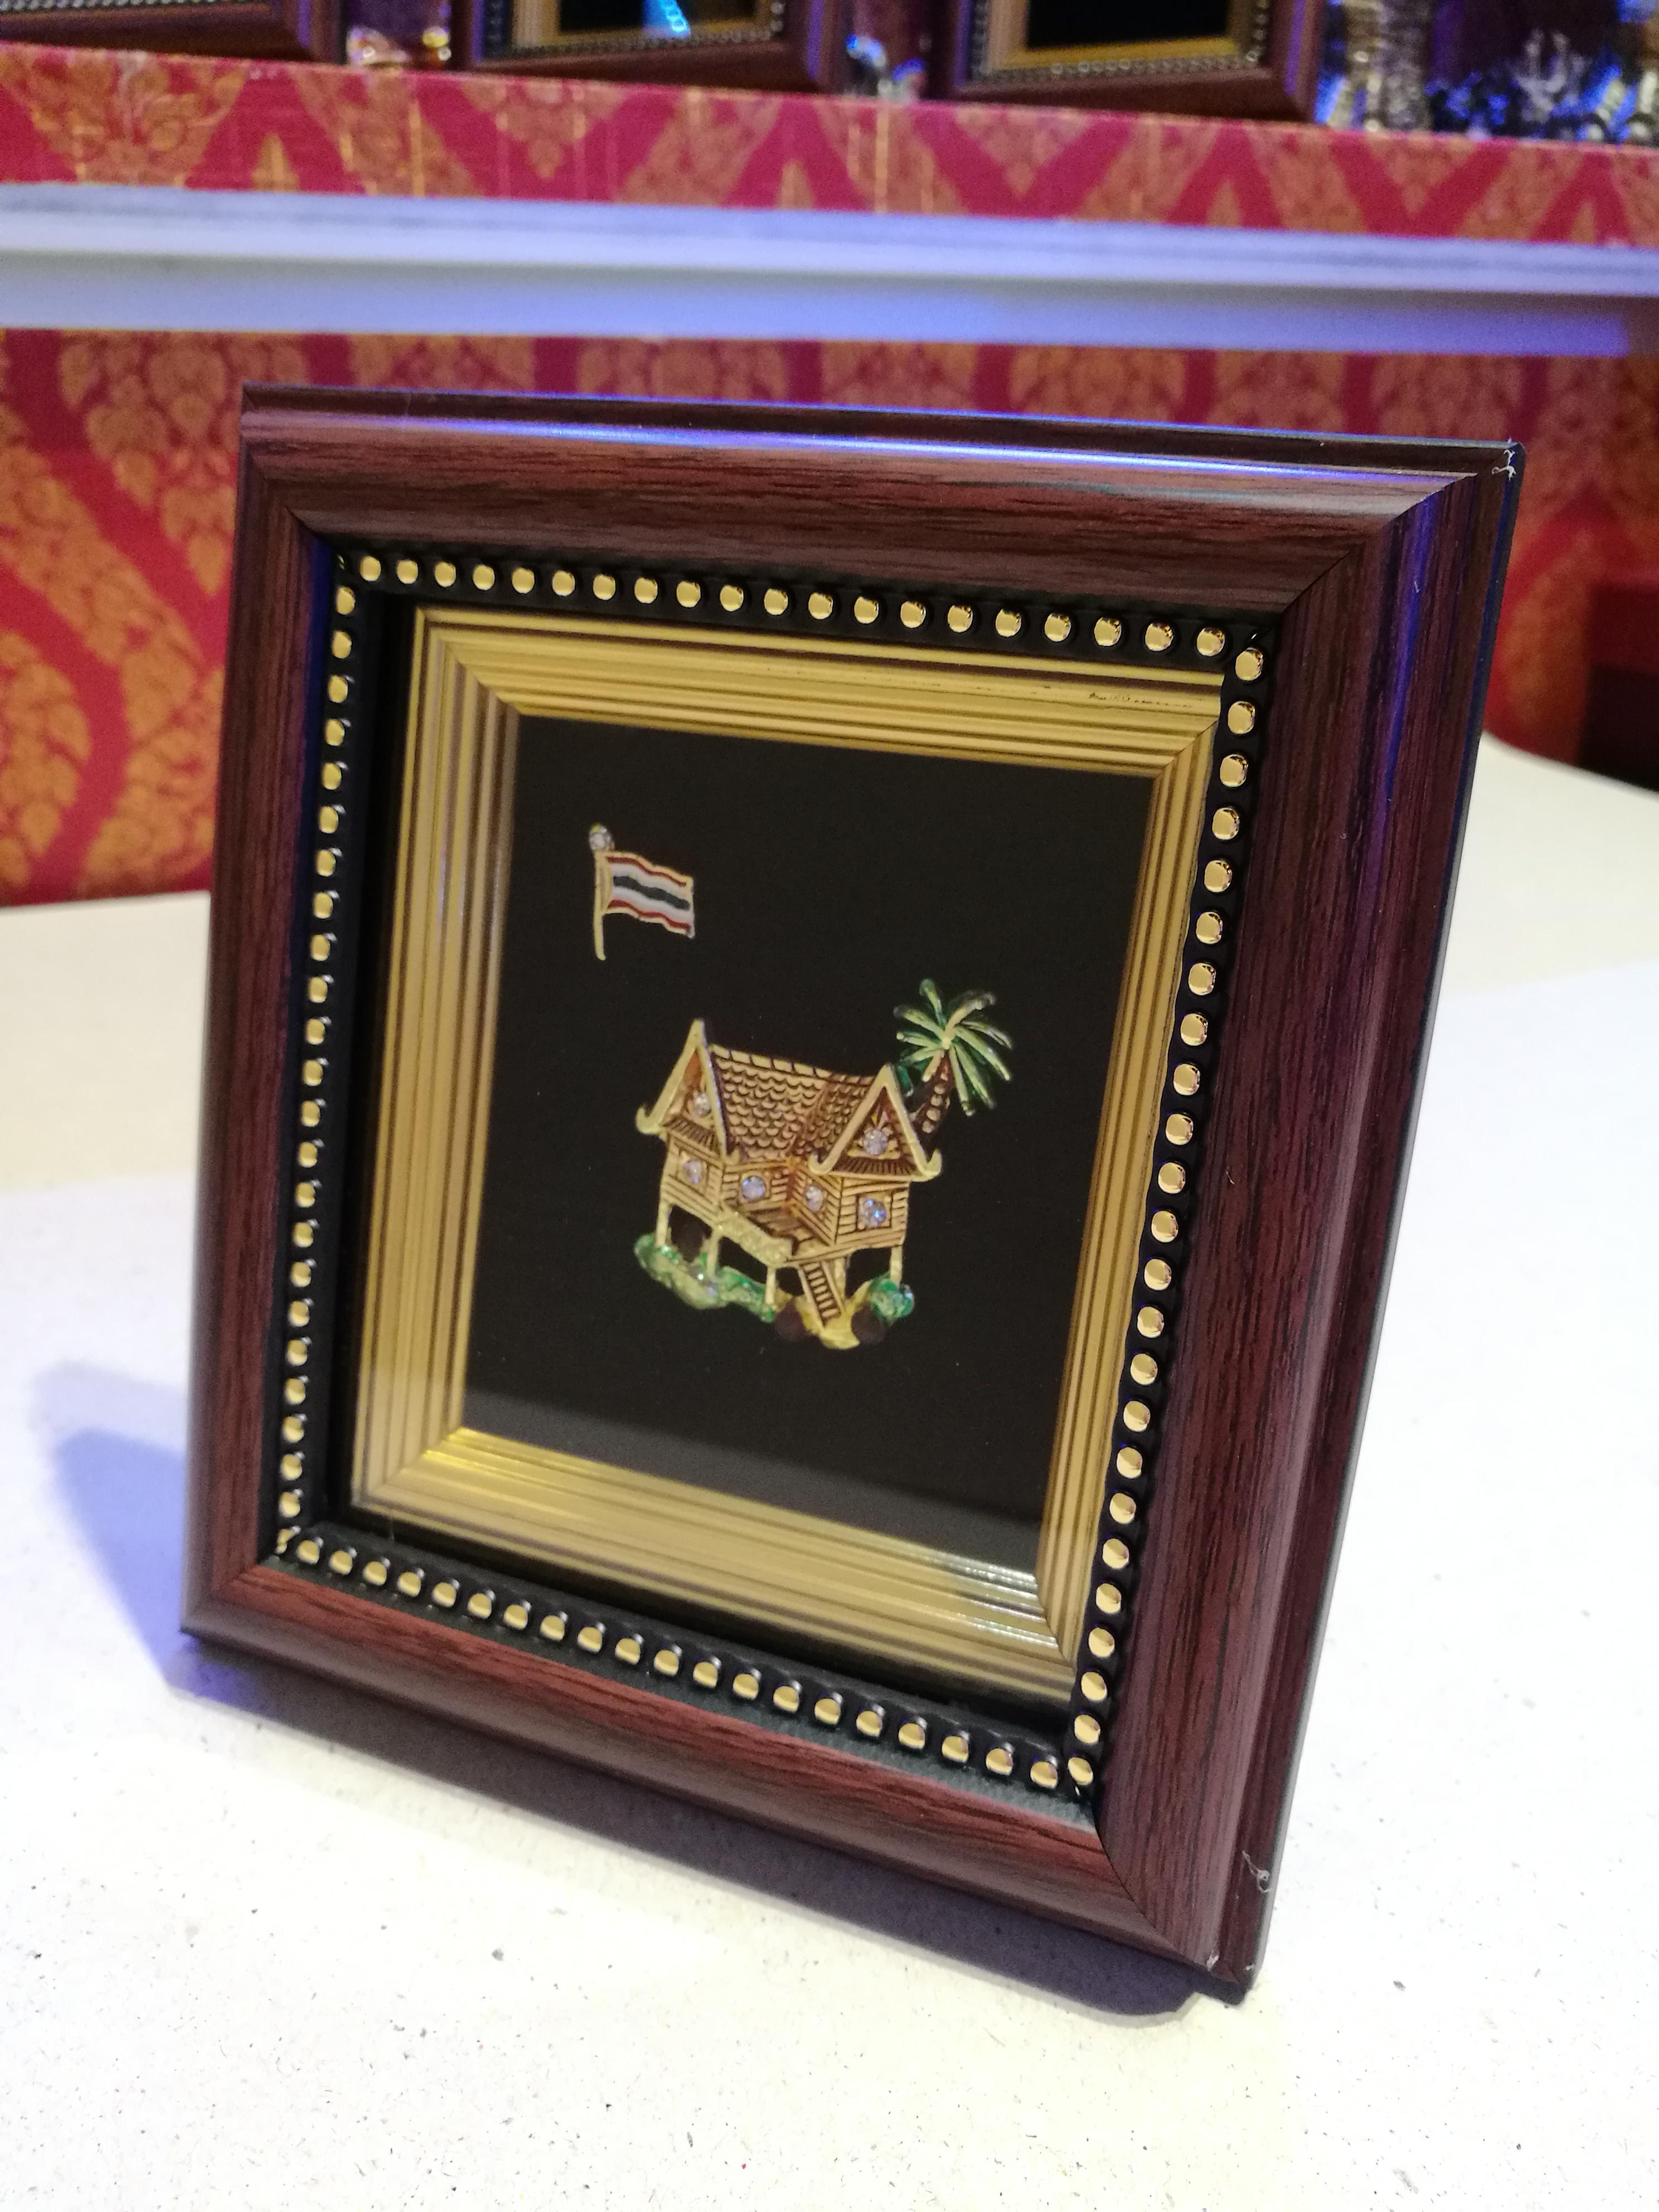 กรอบรูปเอกลักษณ์ไทย รูปบ้านทรงไทย ประดับเพ็ชร สวยคลาสสิกข้ามเวลา